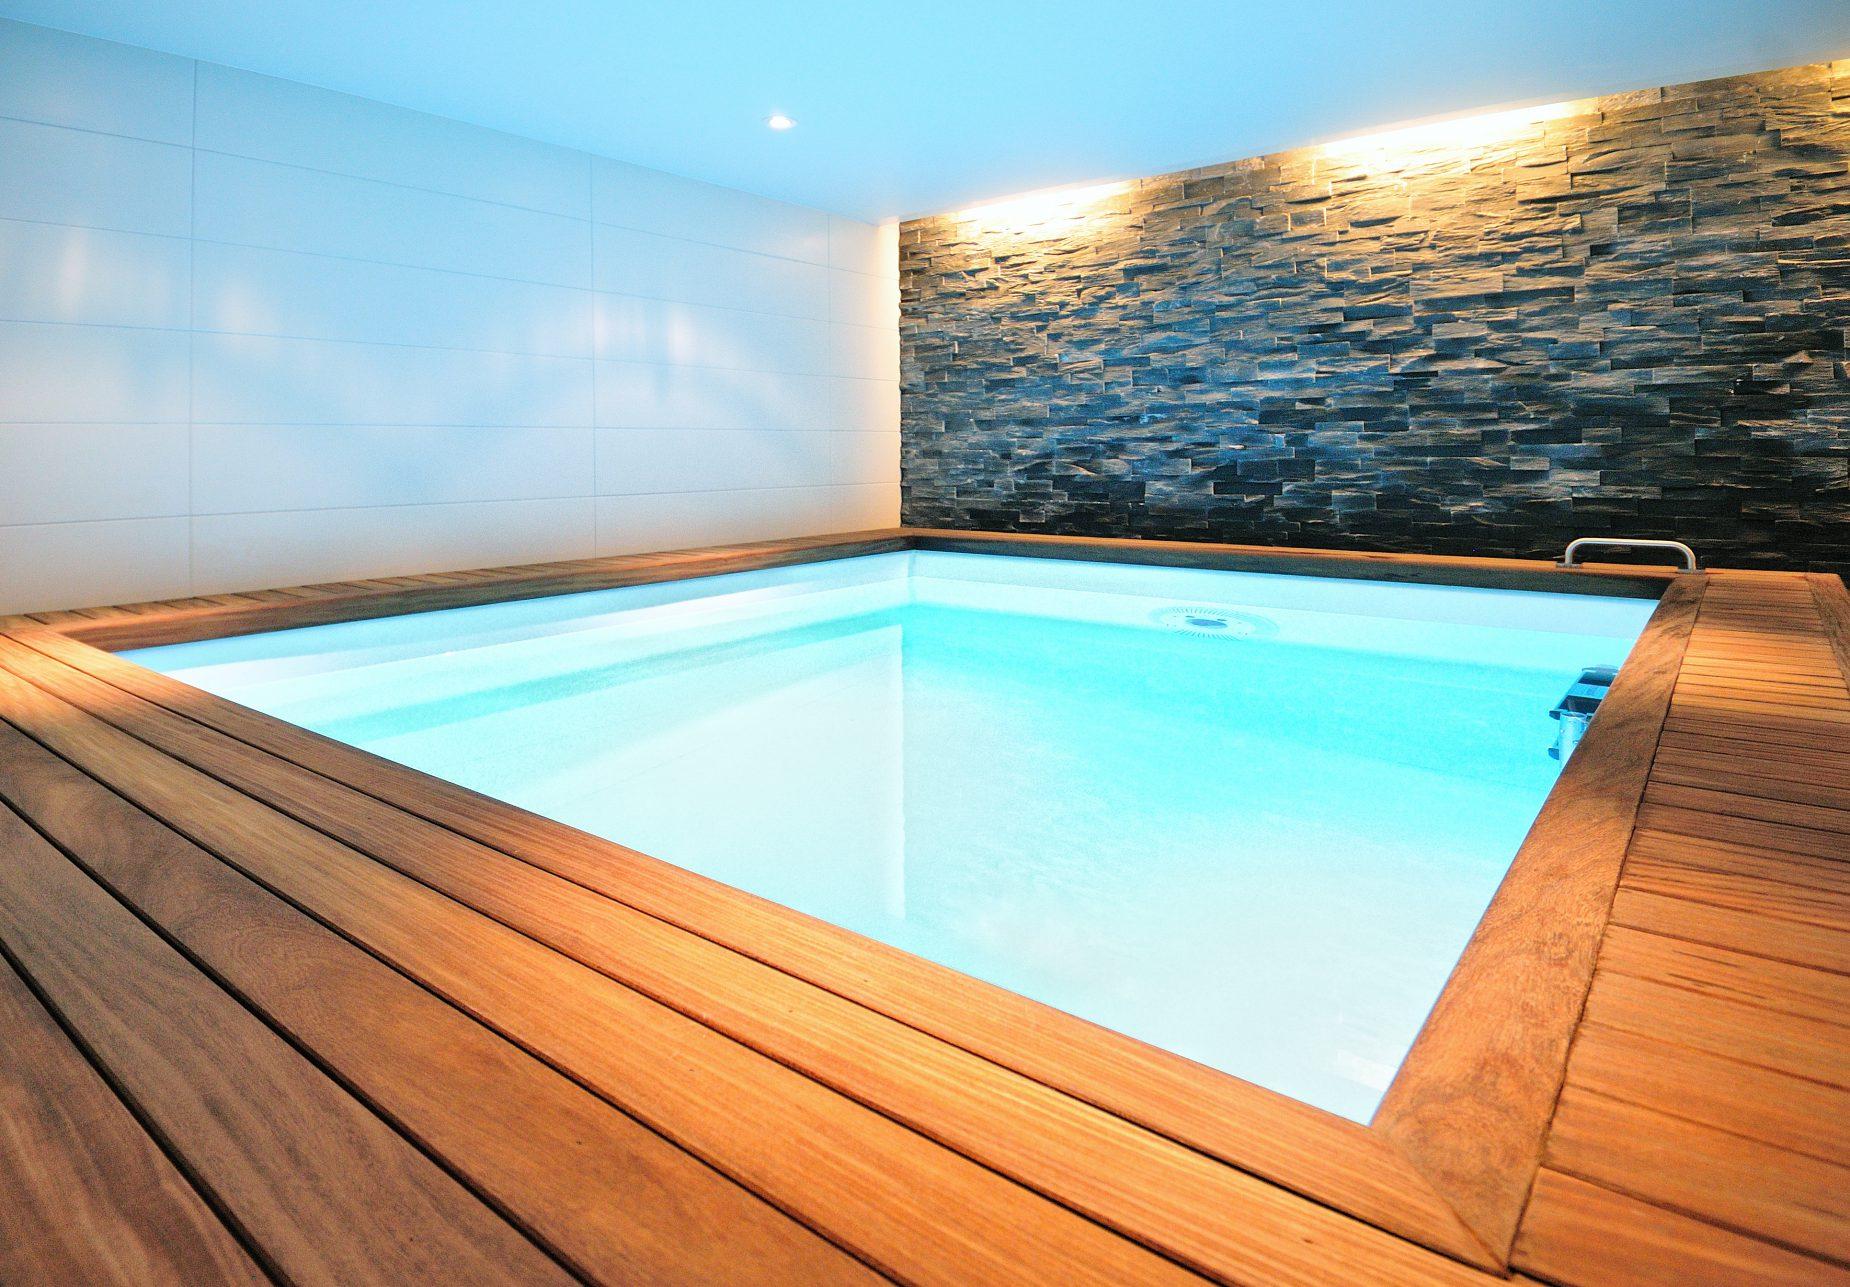 Ontwerp voor een spa wellness met zwembad en sauna voor Villa Zeist door binnenhuisarchitect Maxim Winkelaar te Amsterdam.